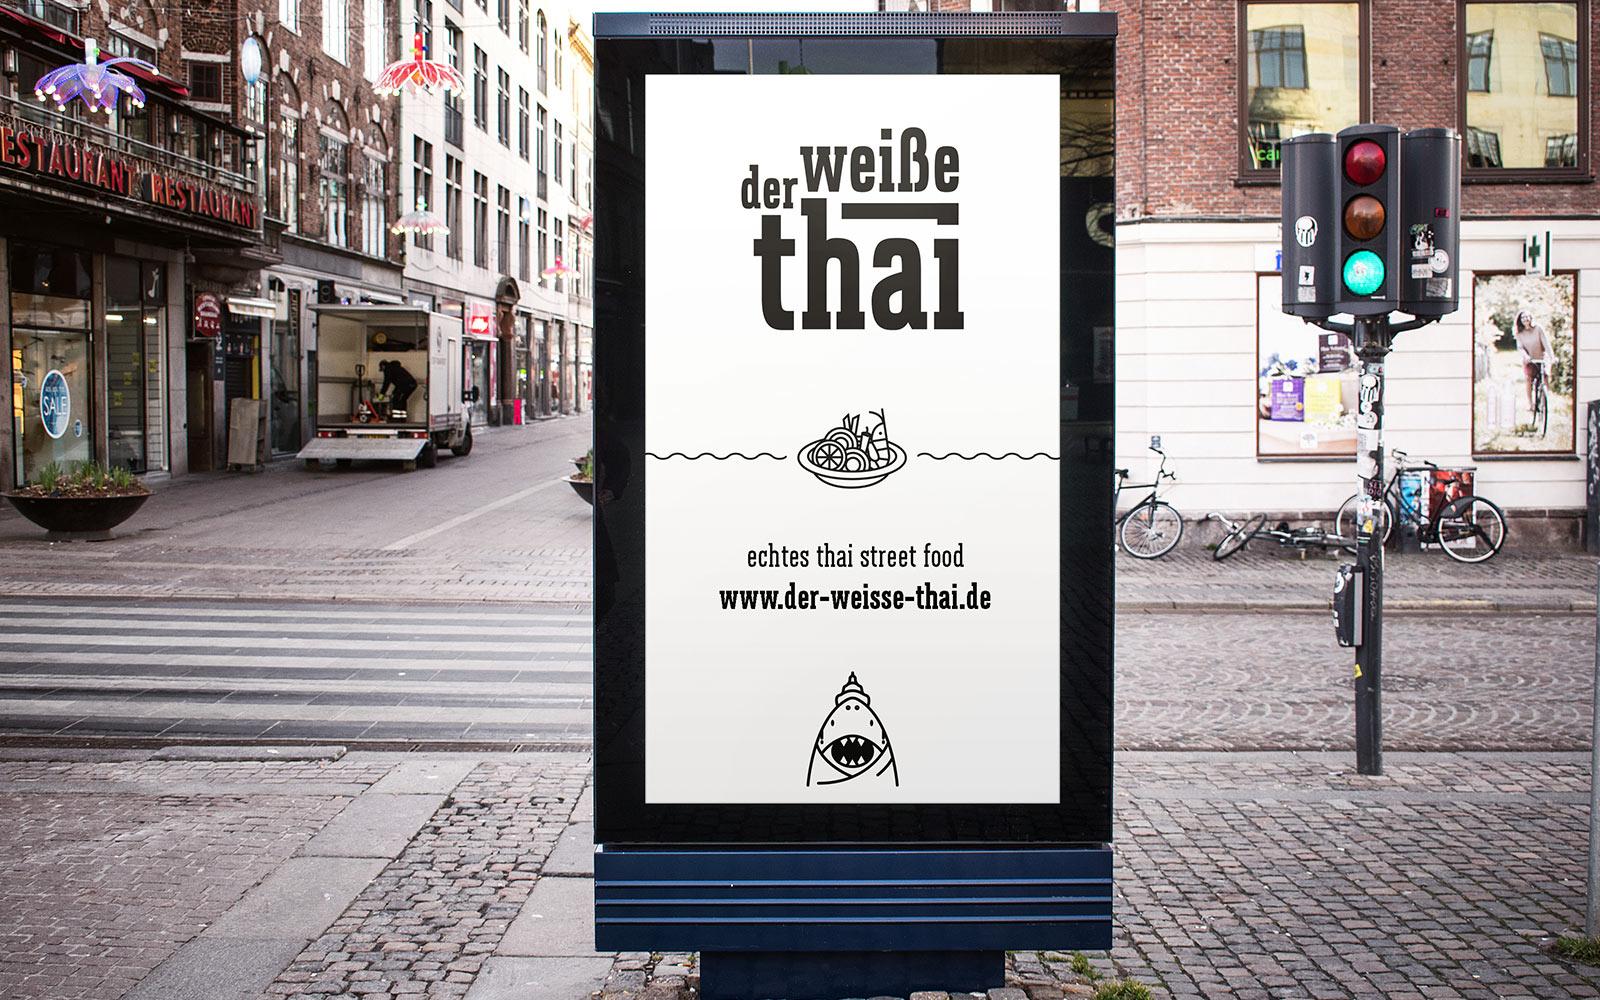 Der weiße Thai – Poster